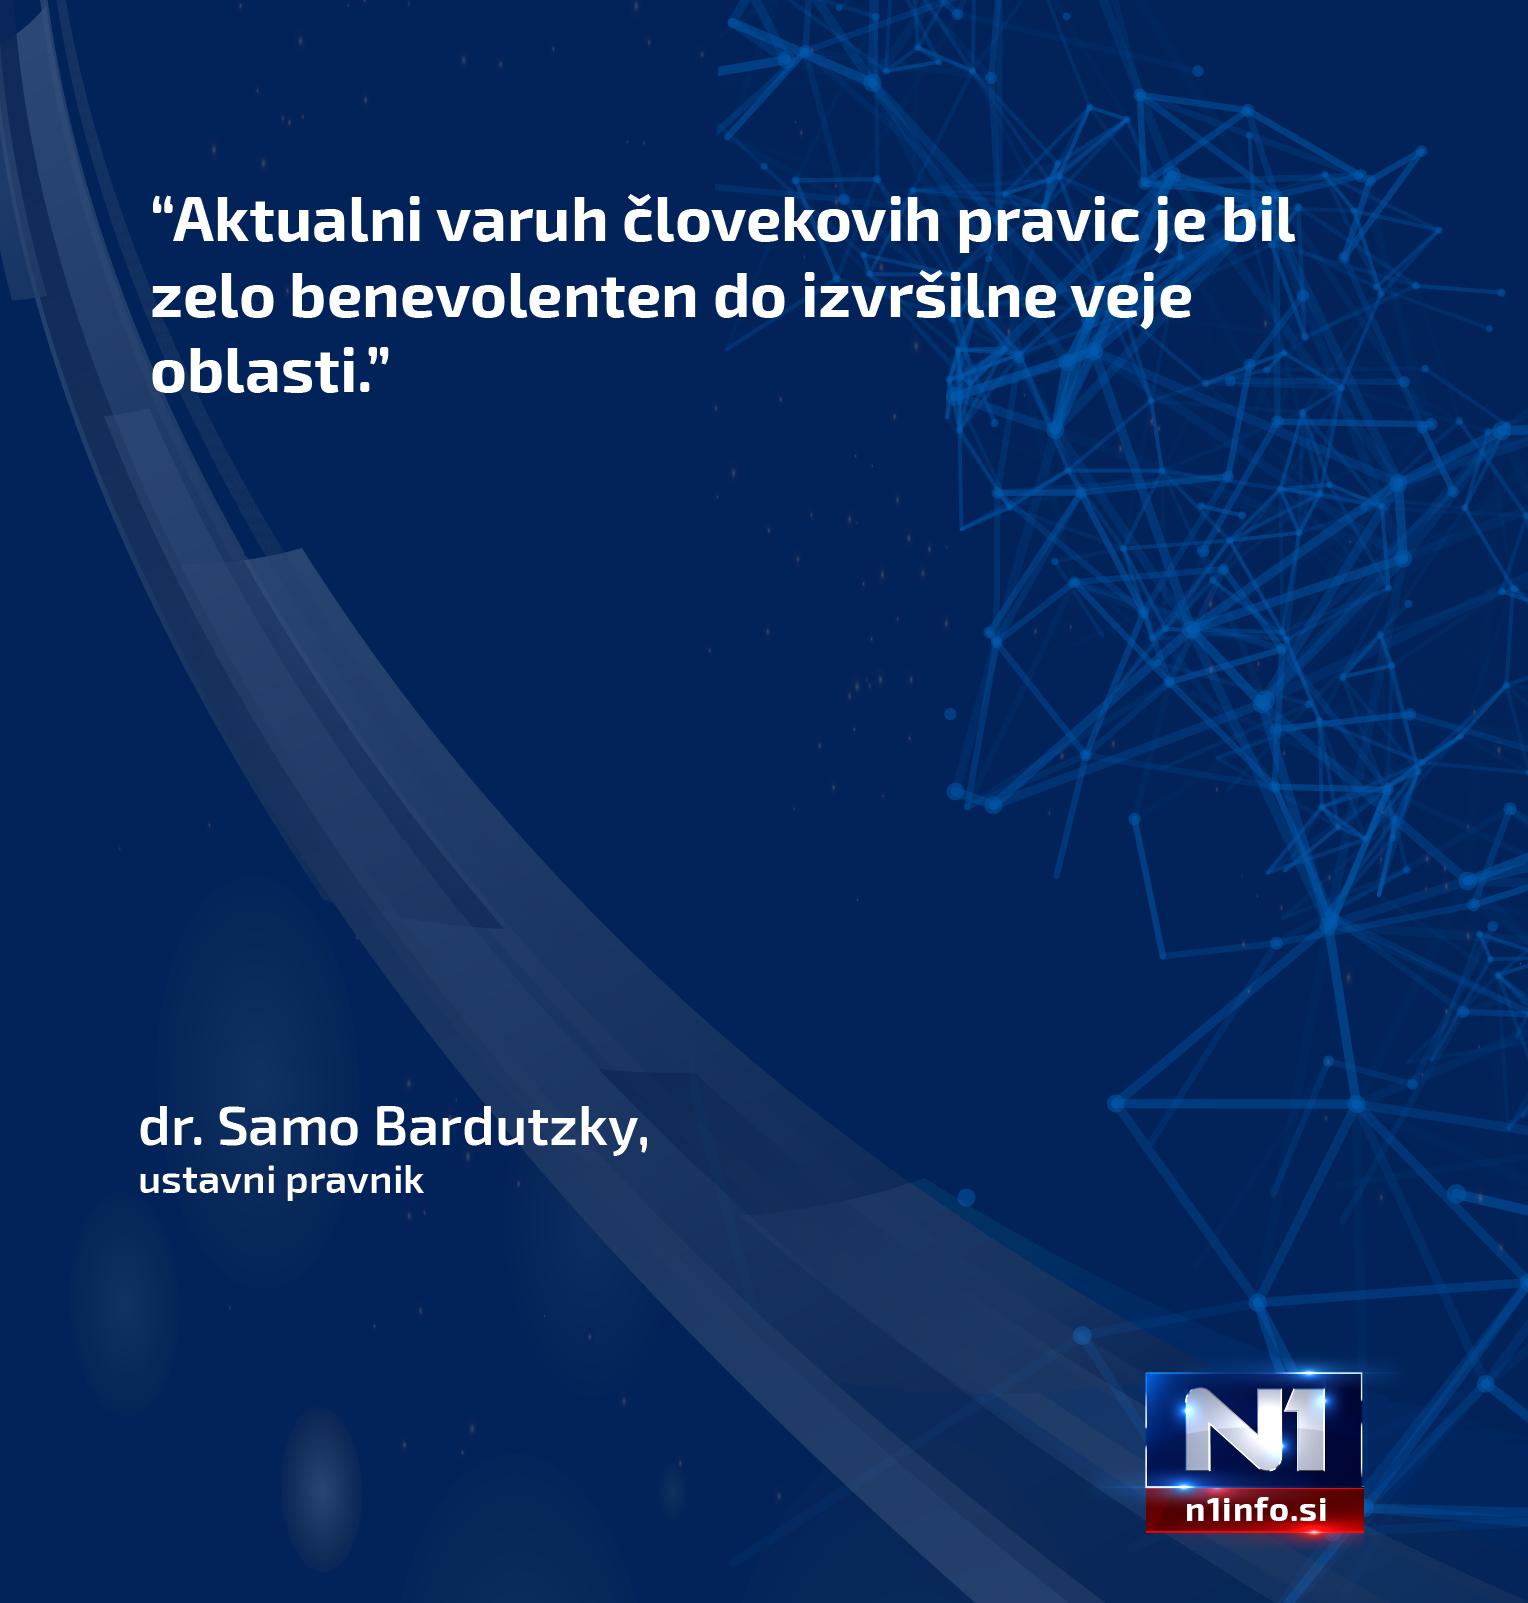 Bardutzky citat